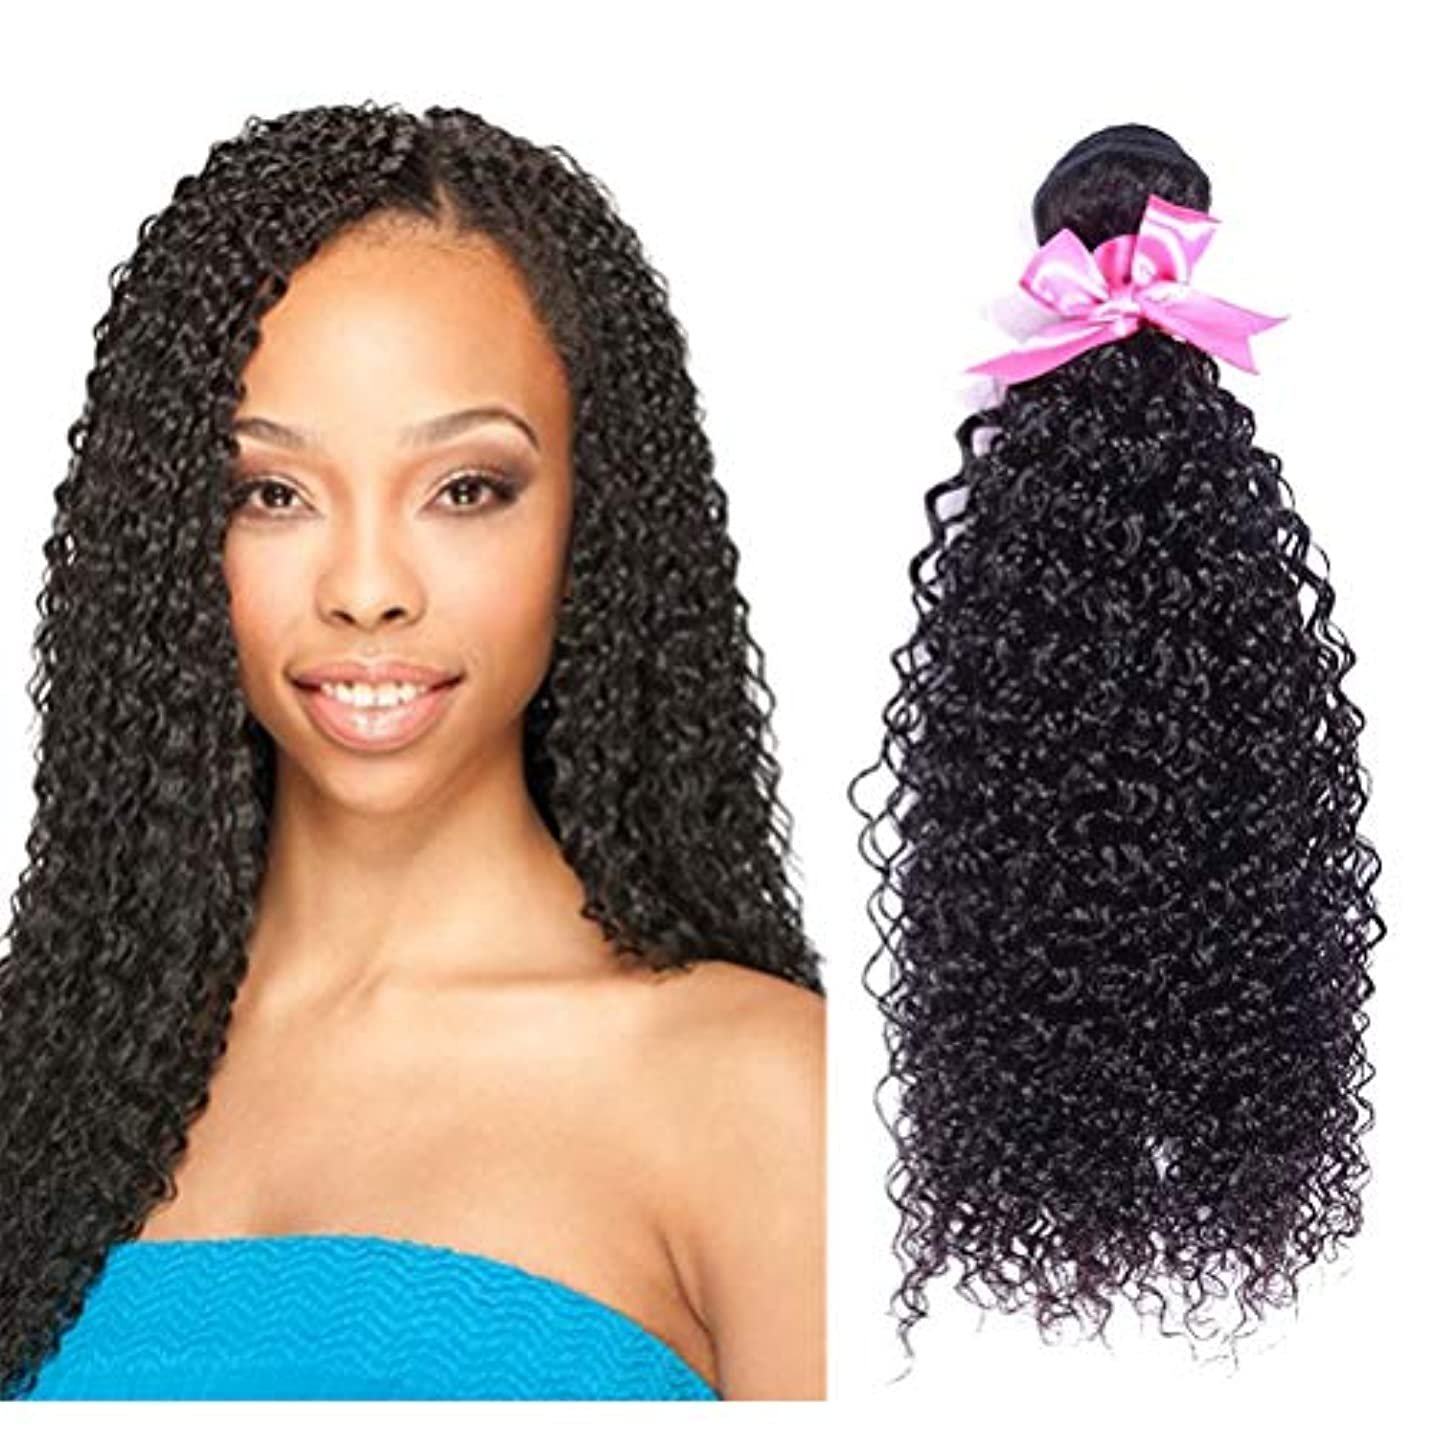 注釈を付ける一定プレゼンター女性の髪を編む150%密度ブラジルのロングボディウェーブヘアバンドル波状の髪の拡張子100%人毛で縫う100g /バンドル